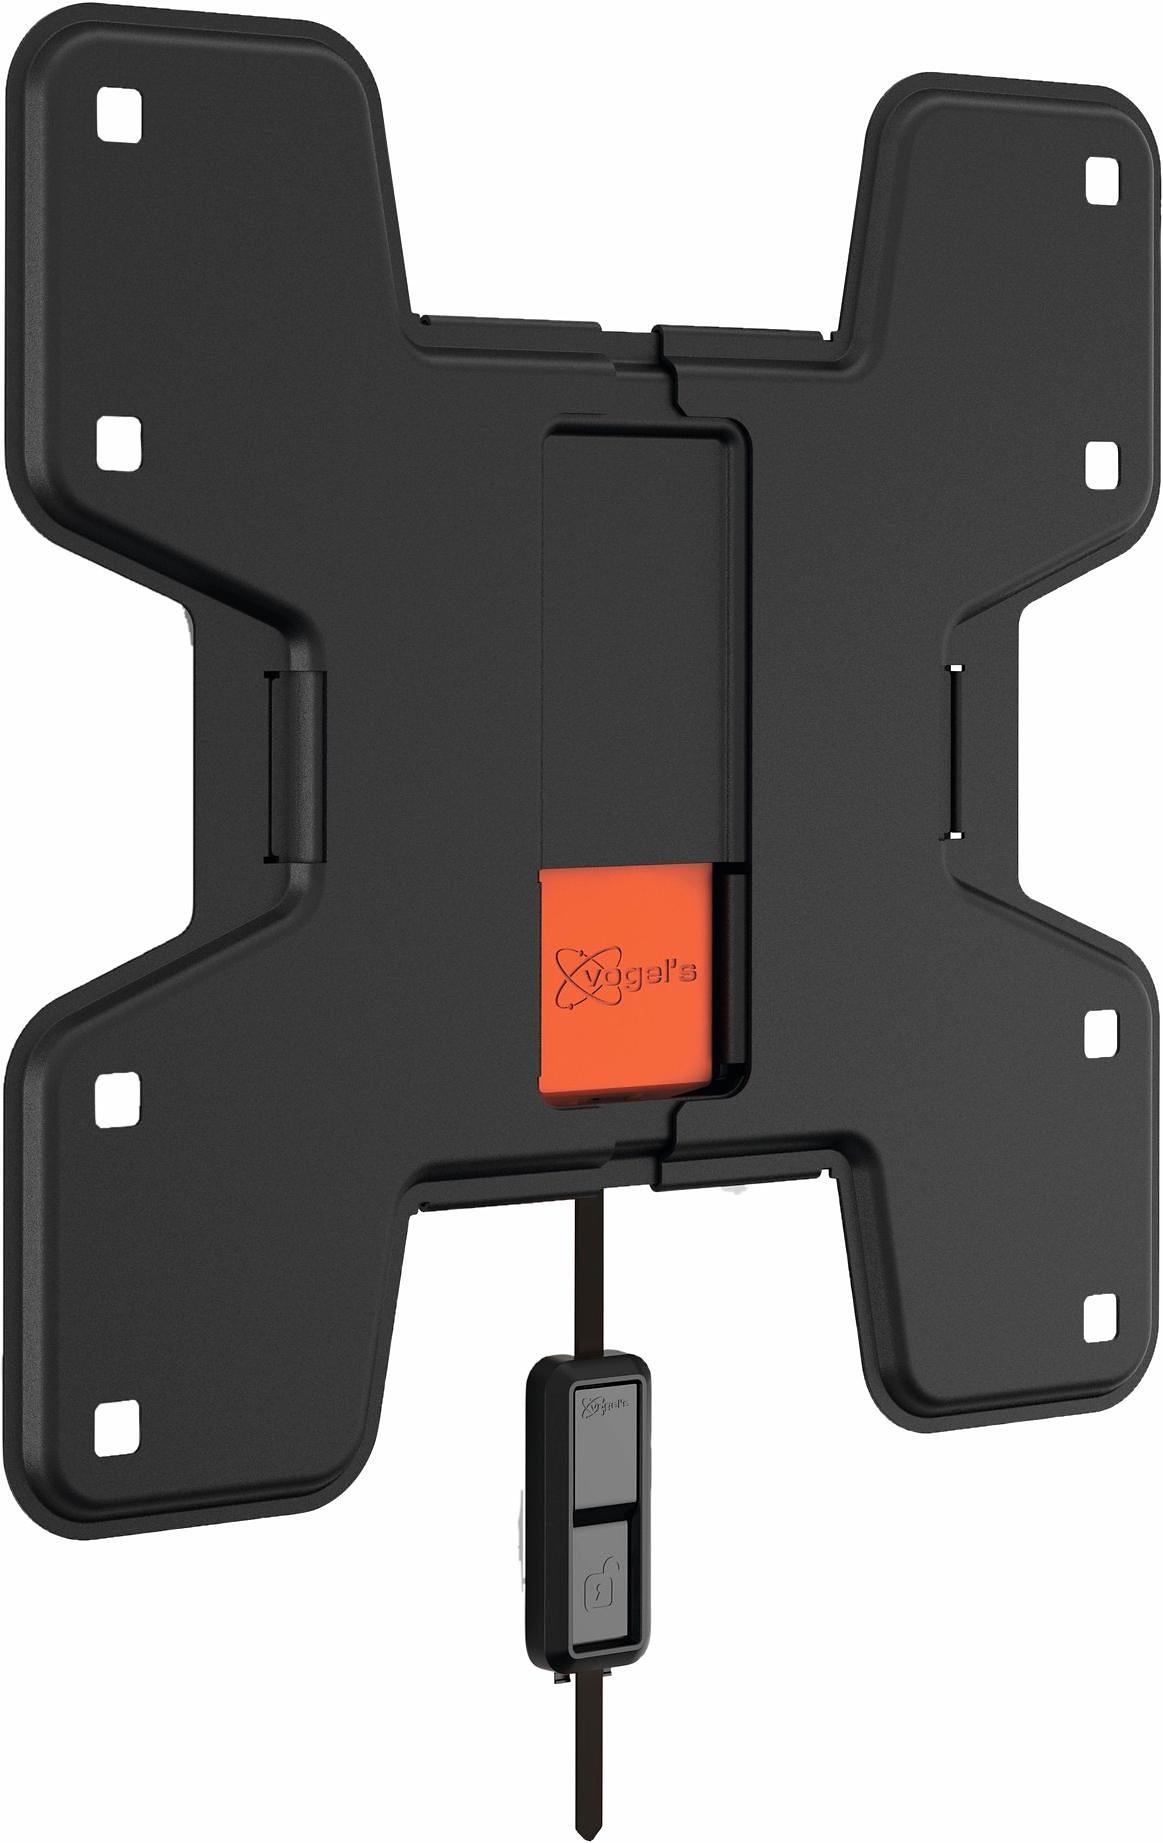 vogel's® TV-Wandhalterung »WALL 2105« starr, für 48-94 cm (19-37 Zoll) Fernseher, VESA 200x200